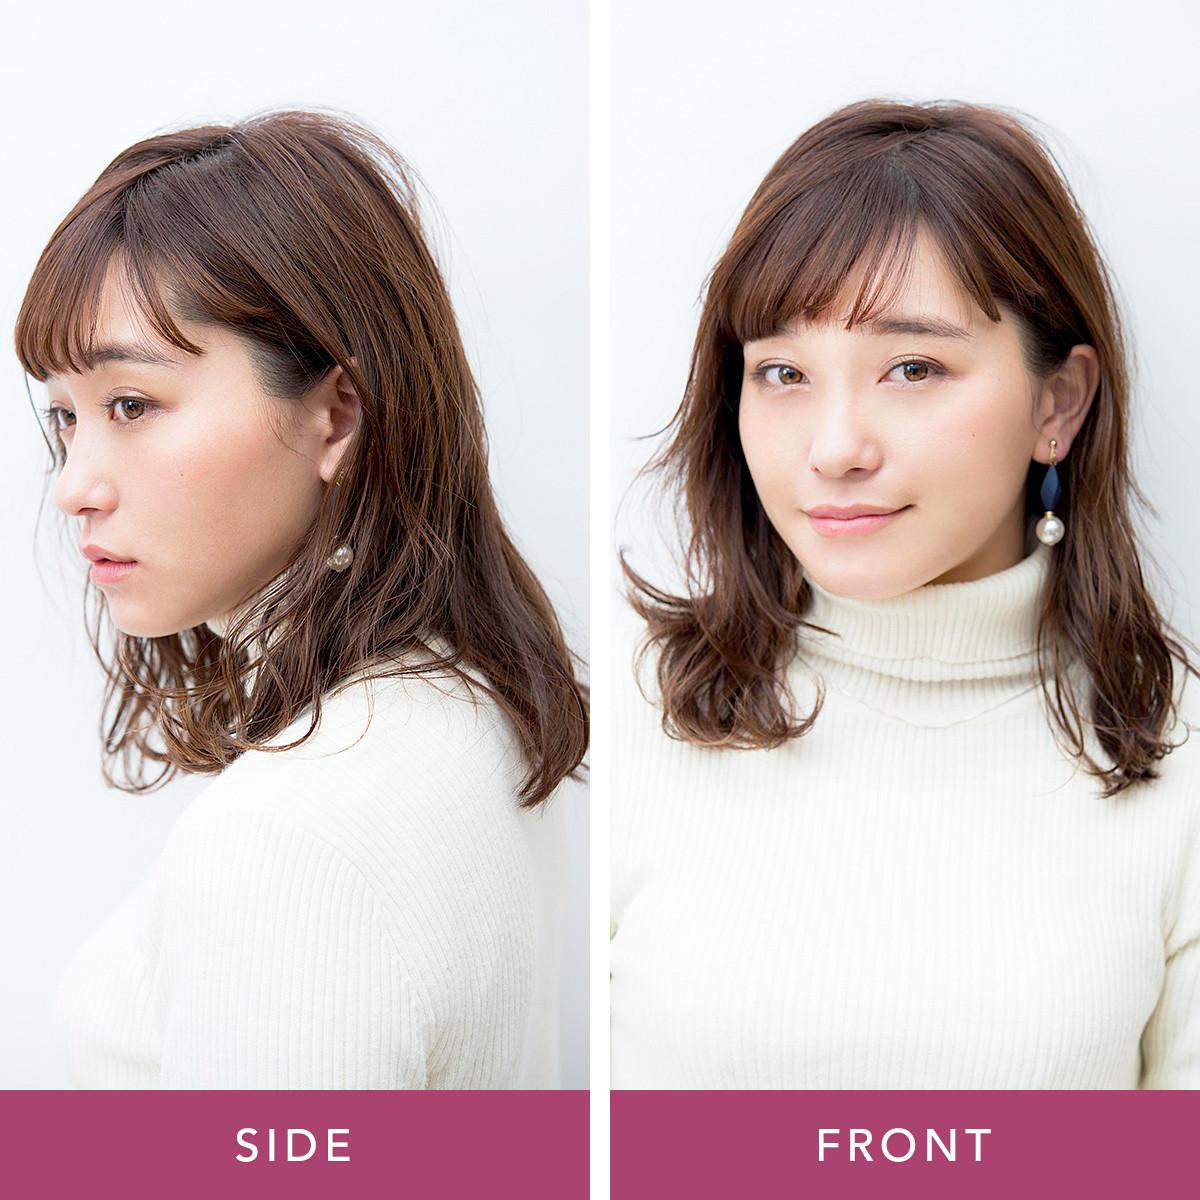 変わりばえしないヘアに飽きたら…前髪だけで印象チェンジ3パターン_1_1